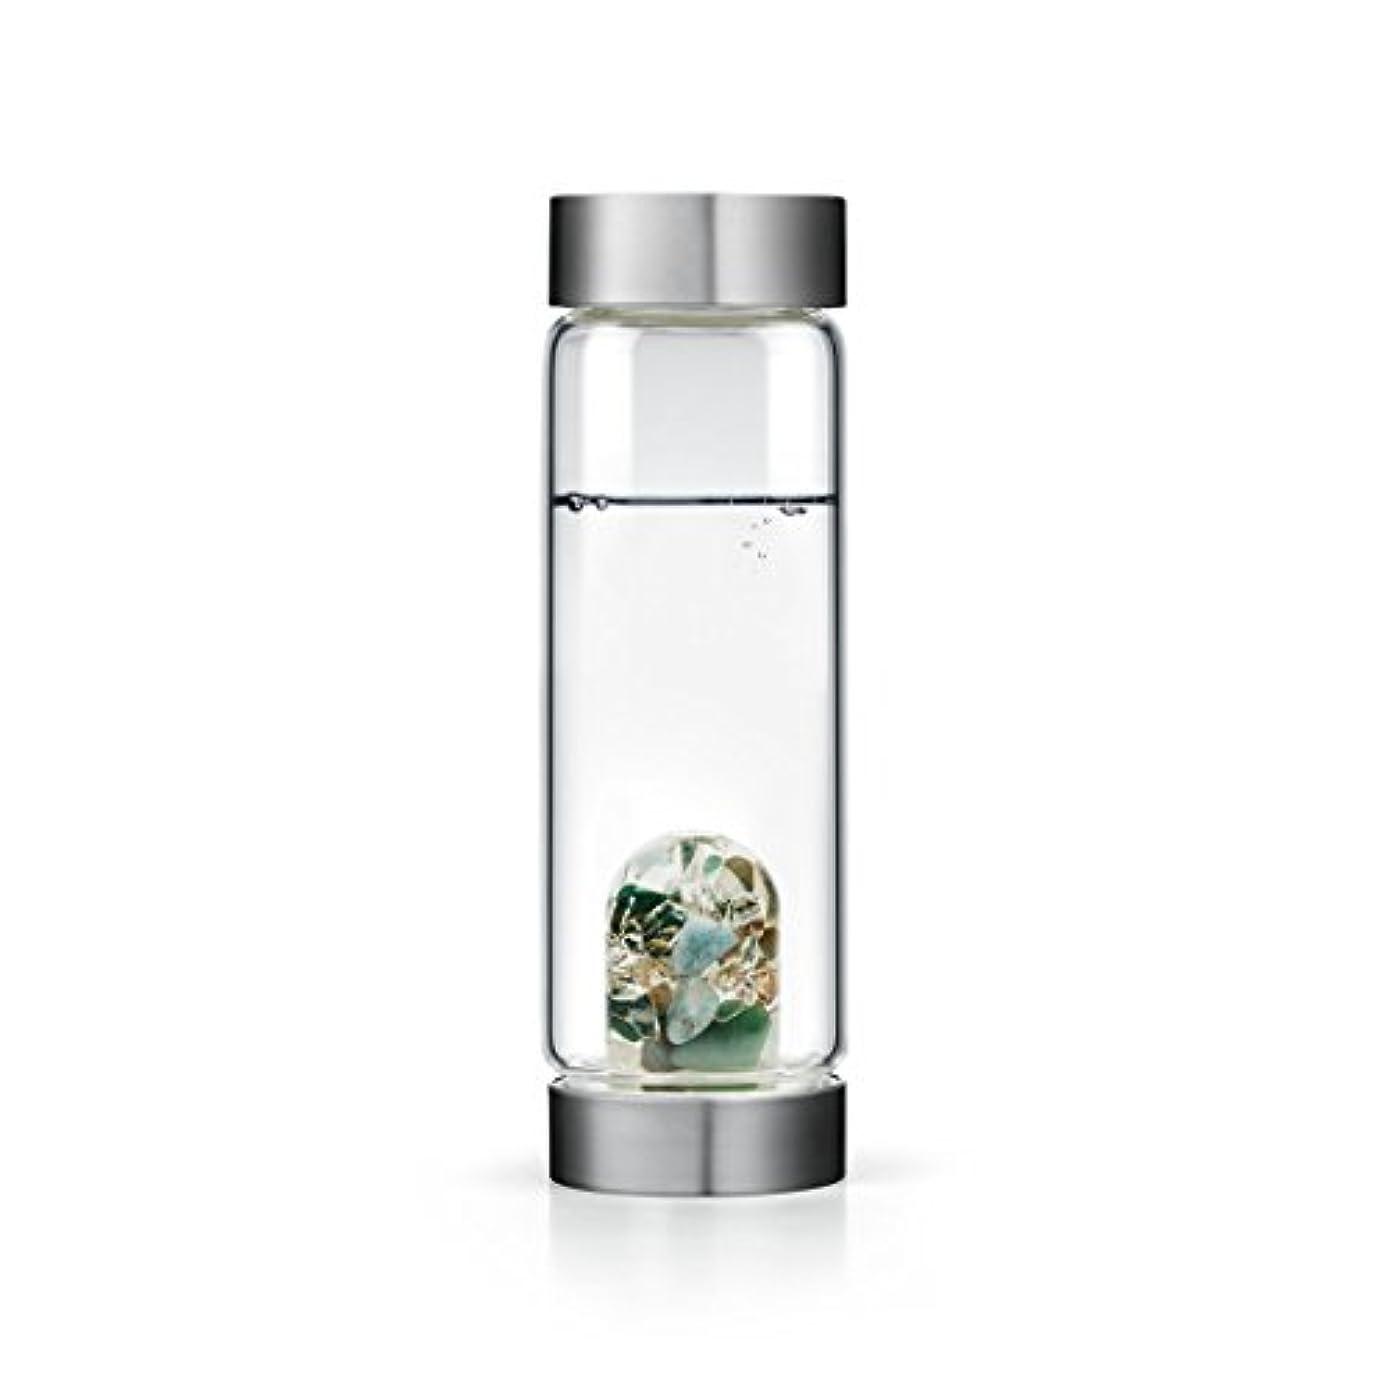 レイアパル再現するForever Young gem-waterボトルby VitaJuwel W / Freeカリフォルニアホワイトセージバンドル 16.9 fl oz